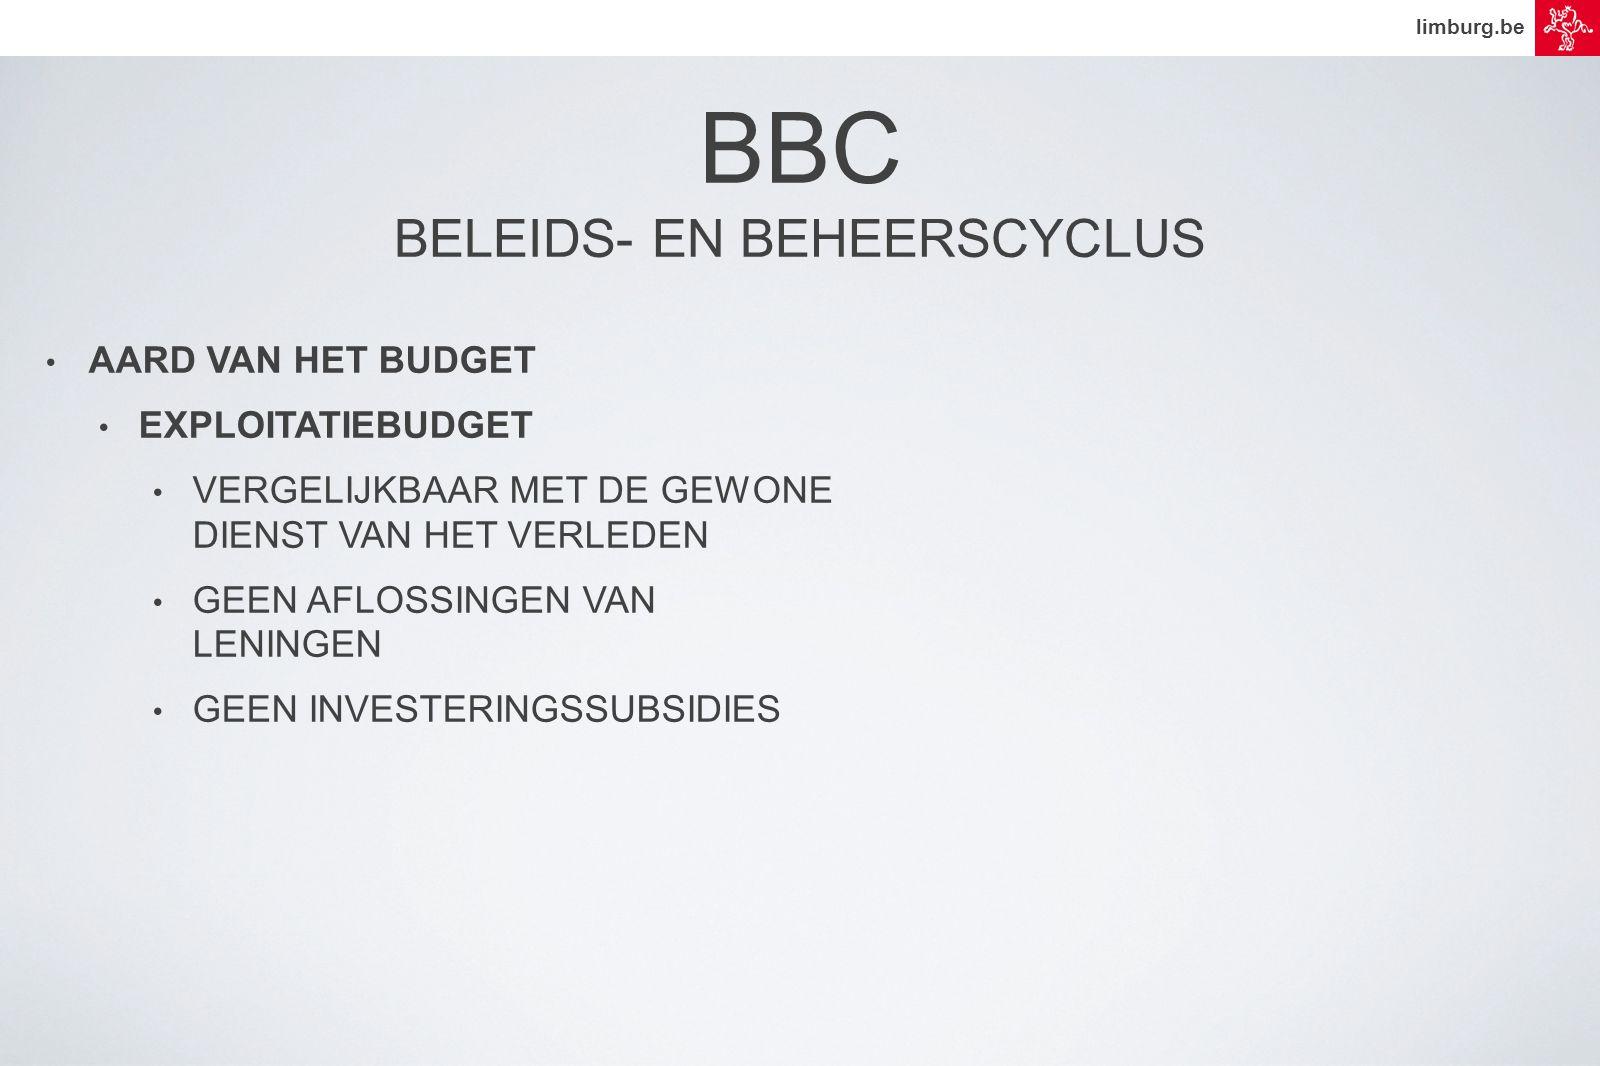 limburg.be • AARD VAN HET BUDGET • EXPLOITATIEBUDGET • VERGELIJKBAAR MET DE GEWONE DIENST VAN HET VERLEDEN • GEEN AFLOSSINGEN VAN LENINGEN • GEEN INVESTERINGSSUBSIDIES BBC BELEIDS- EN BEHEERSCYCLUS